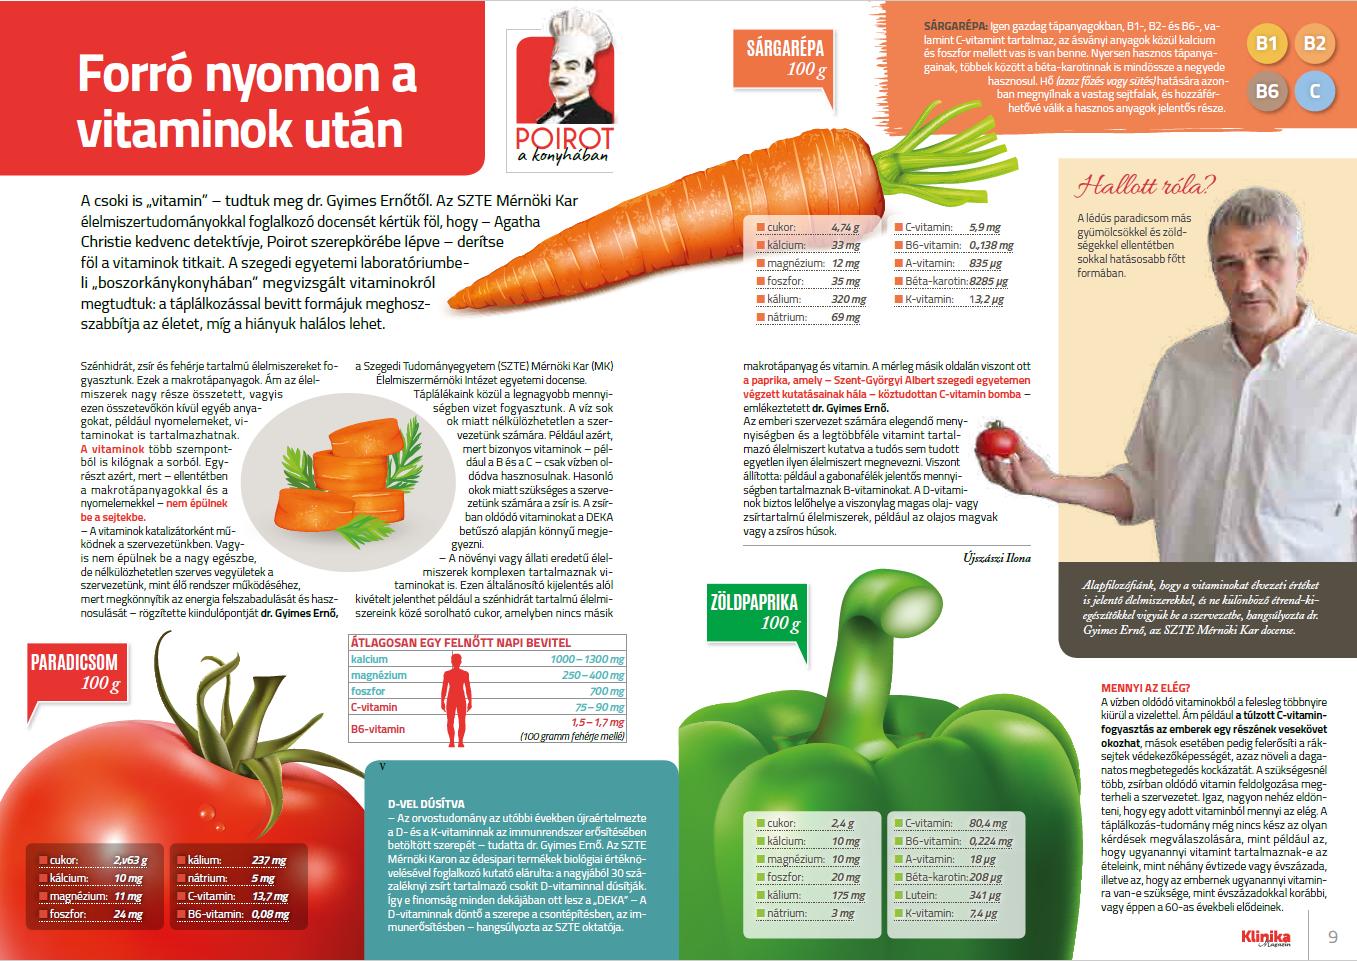 a vitaminok látásra gyakorolt hatása